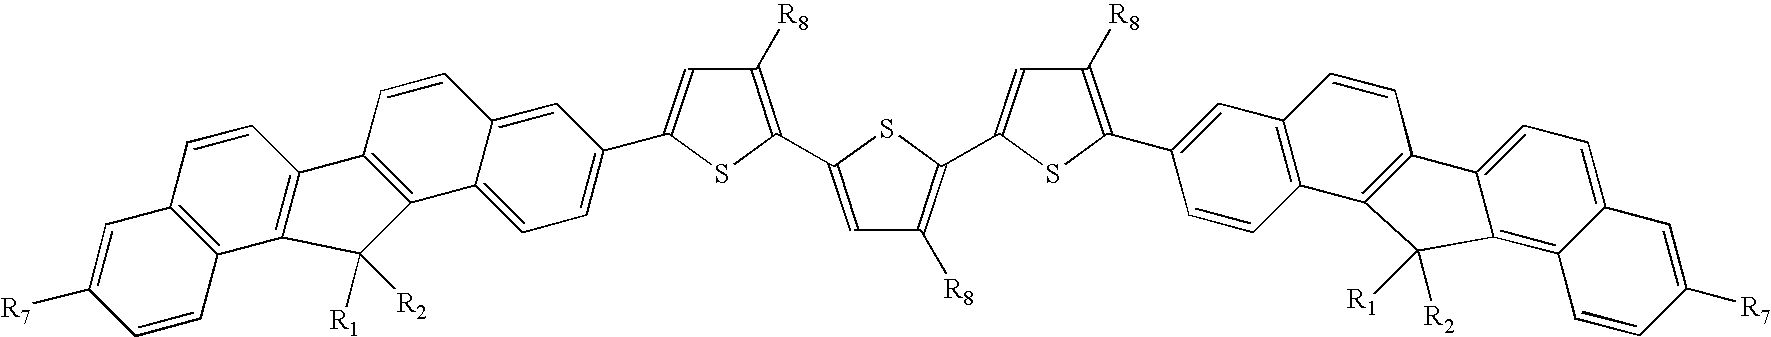 Figure US06849348-20050201-C00033